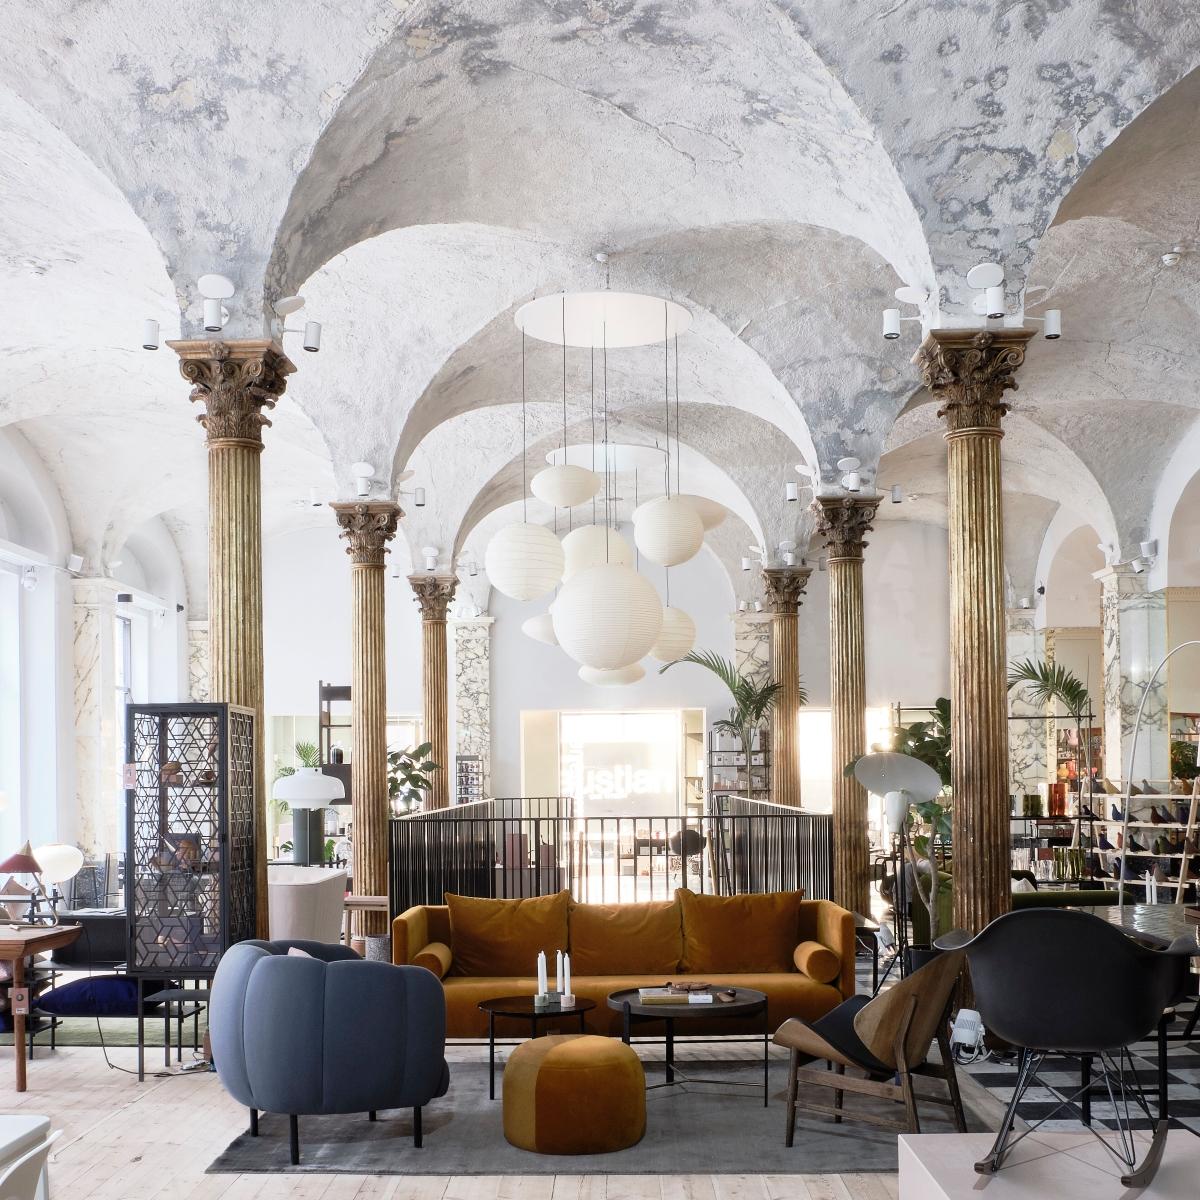 Paustian Designermöbel Concept Store Kopenhagen Innenstadt